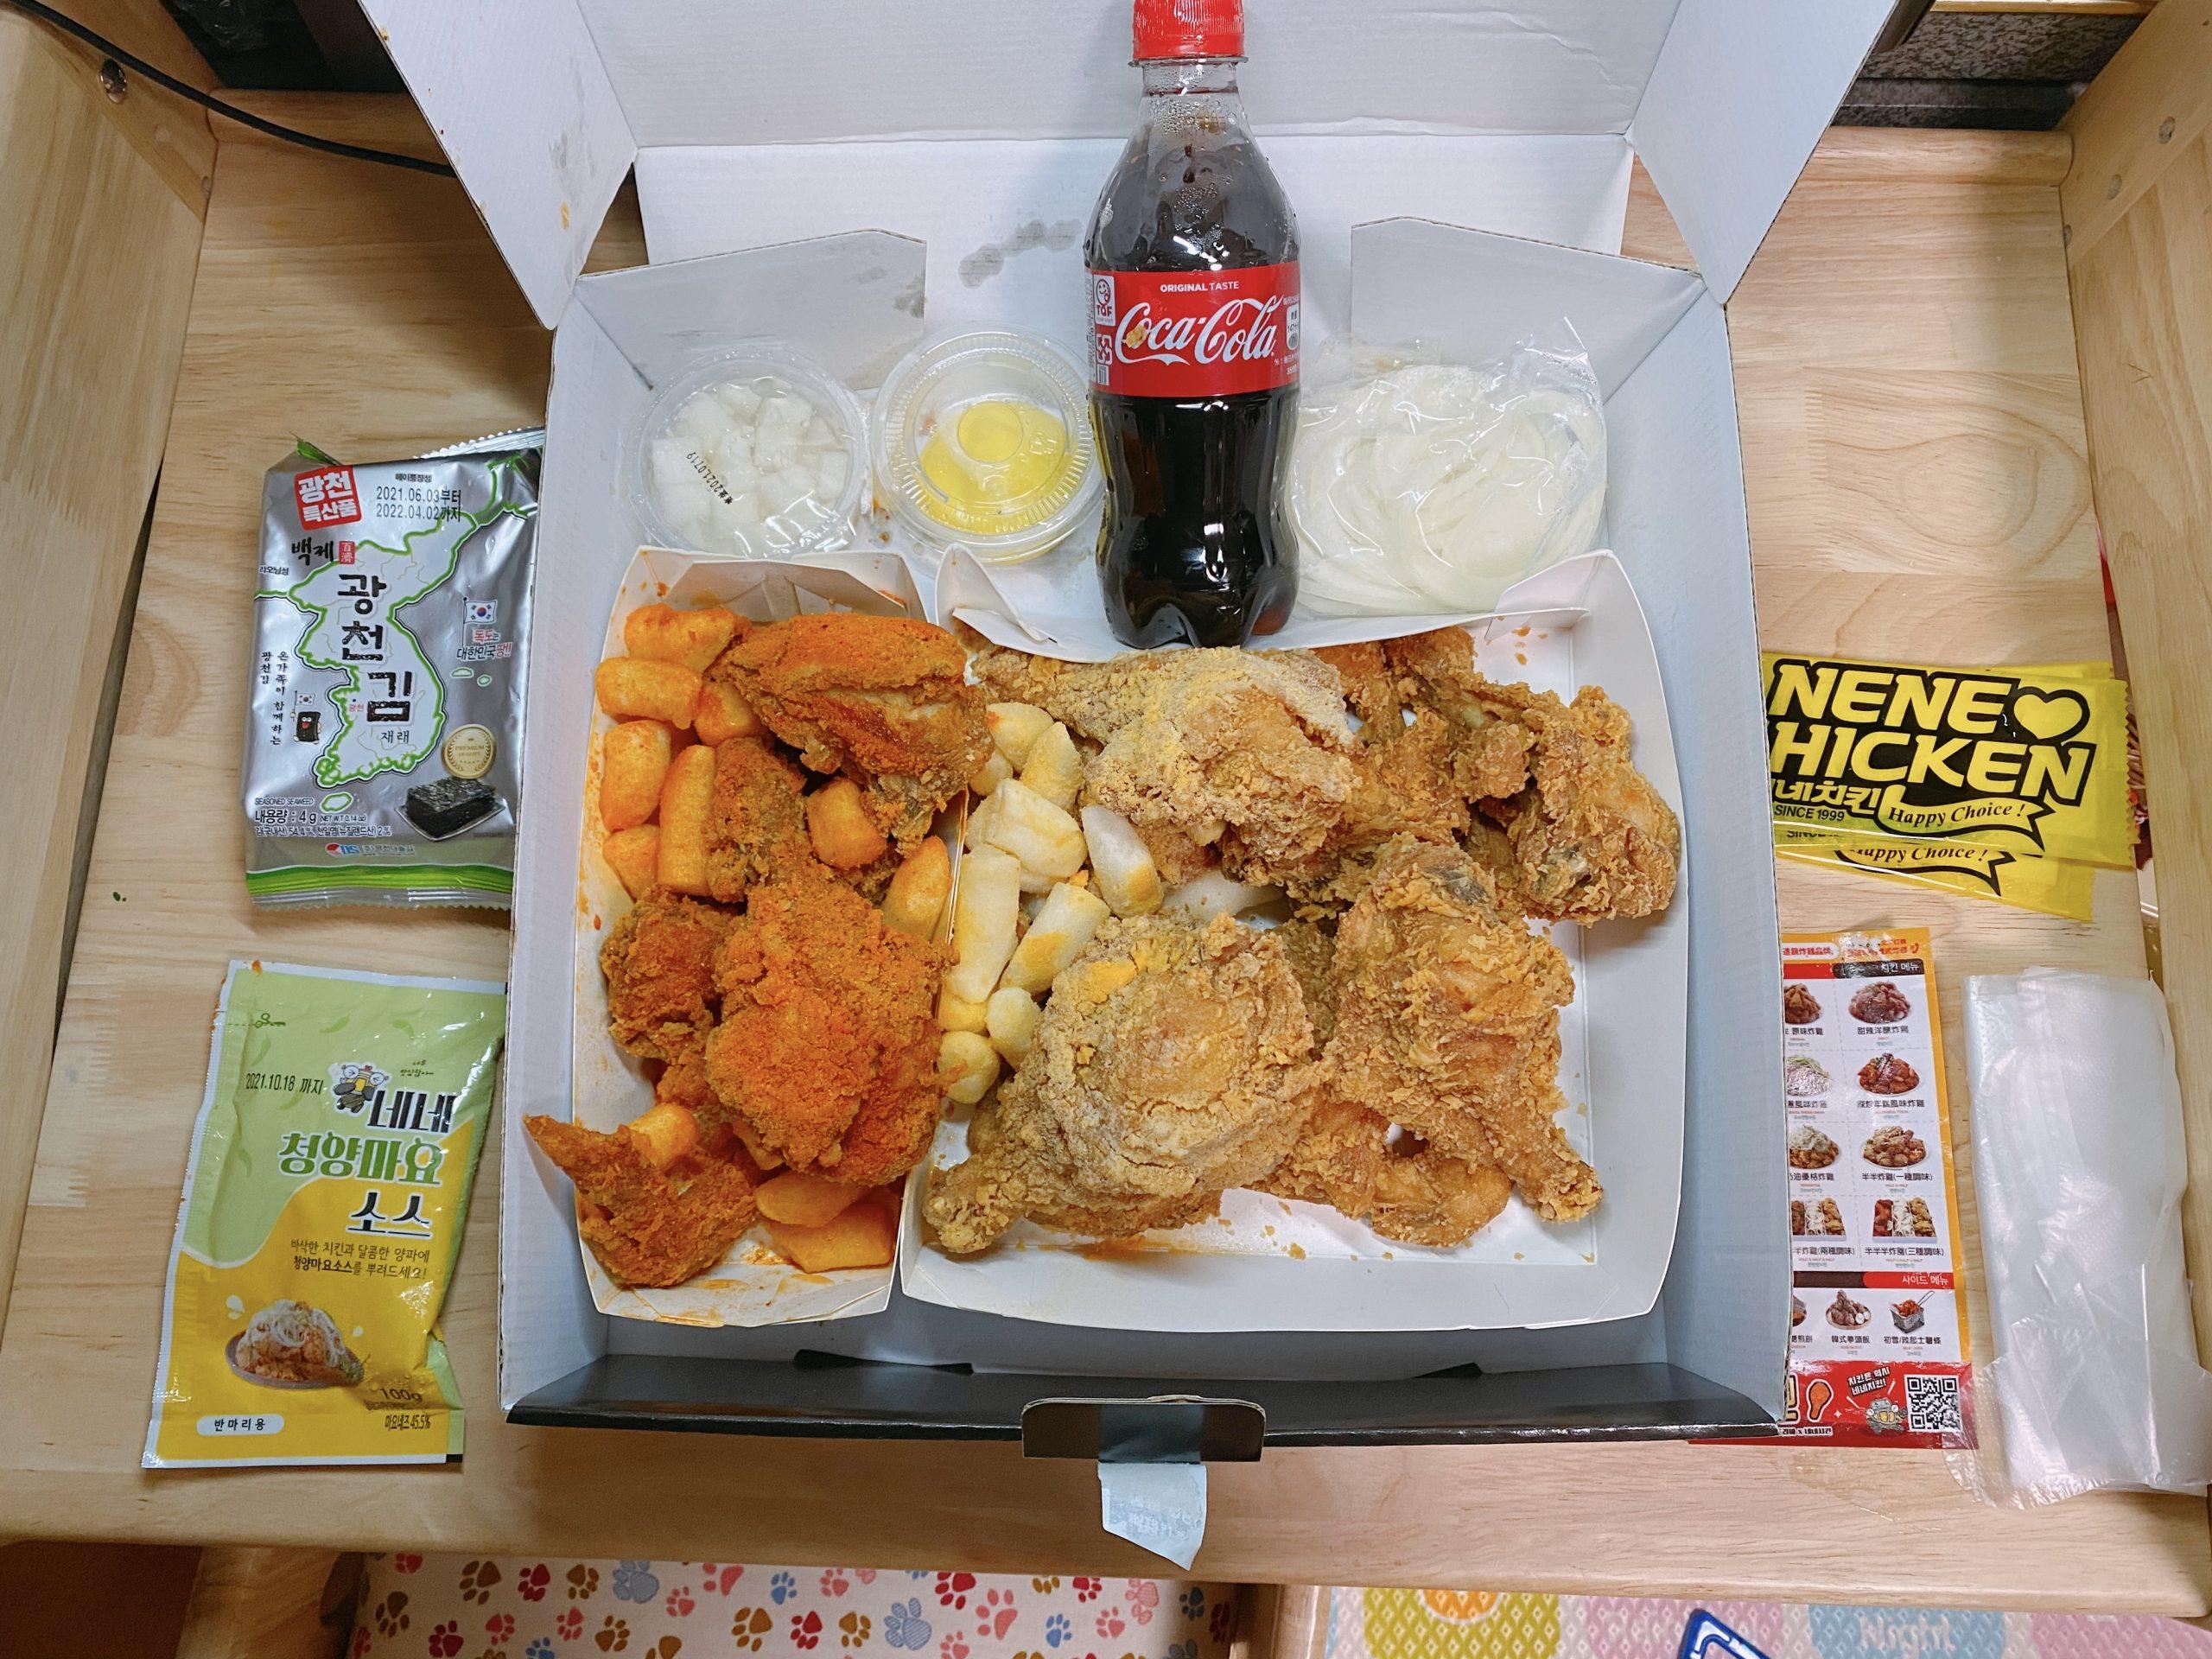 韓式炸雞推薦 NeNe Chicken~韓國最大連鎖炸雞品牌 全台22間店免外送費